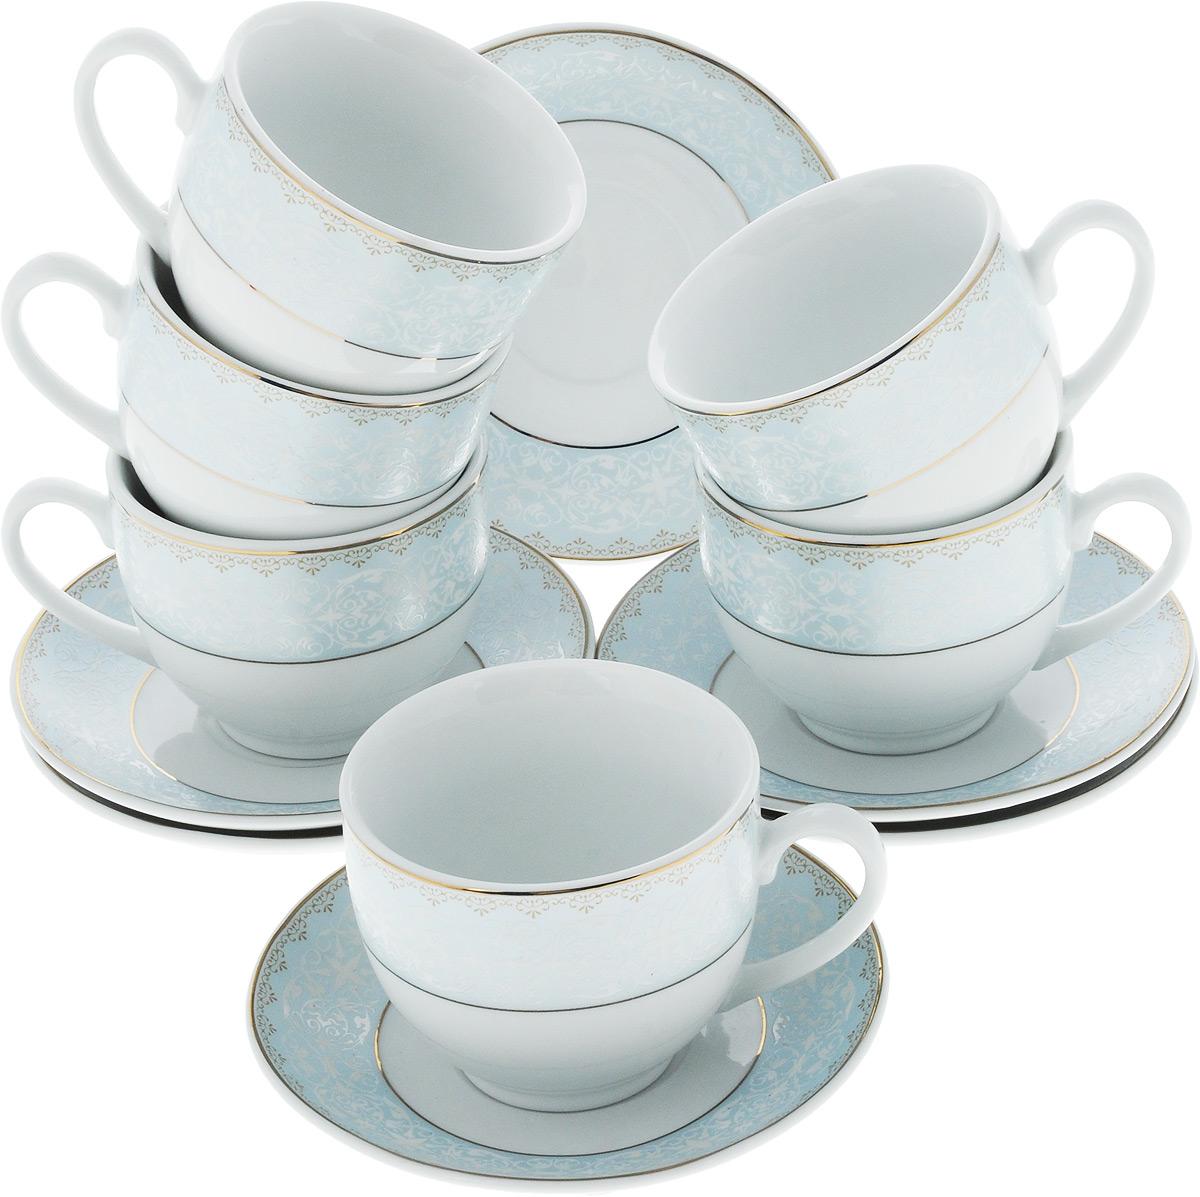 Набор чайный Loraine, 12 предметов. 25902VT-1520(SR)Чайный набор Loraine на 6 персон выполнен из высококачественного костяного фарфора - материала, безопасного для здоровья и надолго сохраняющего тепло напитка. В наборе 6 чашек и 6 блюдец. Несмотря на свою внешнюю хрупкость, каждый из предметов набора обладает высокой прочностью и надежностью. Изделия украшенызолотистой эмалью и красивым орнаментом. Такой чайный набор станет украшением стола, а процесс чаепития превратится в одно удовольствие!Такой набор можно преподнести в качестве оригинального и практичного подарка для родных и близких. Объем чашки: 240 мл. Диаметр чашки (по верхнему краю): 8,5 см. Высота чашки: 7 см. Диаметр блюдца: 13,5 см.